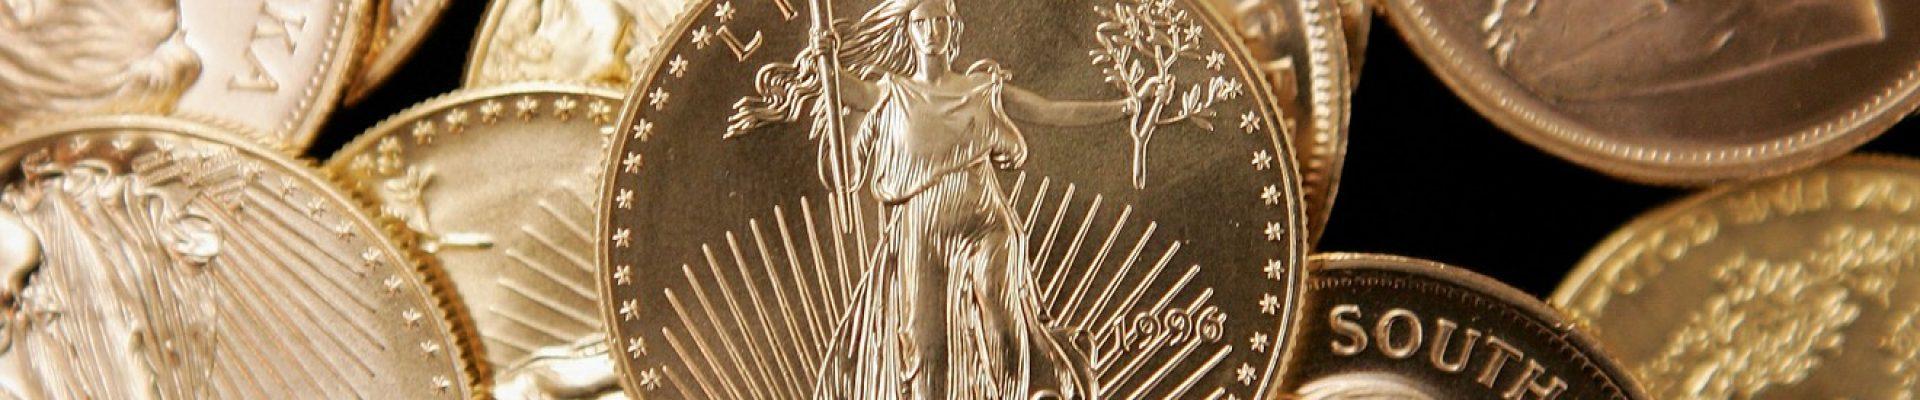 MW-IB363_gold_c_ZG_20200303125738.jpg